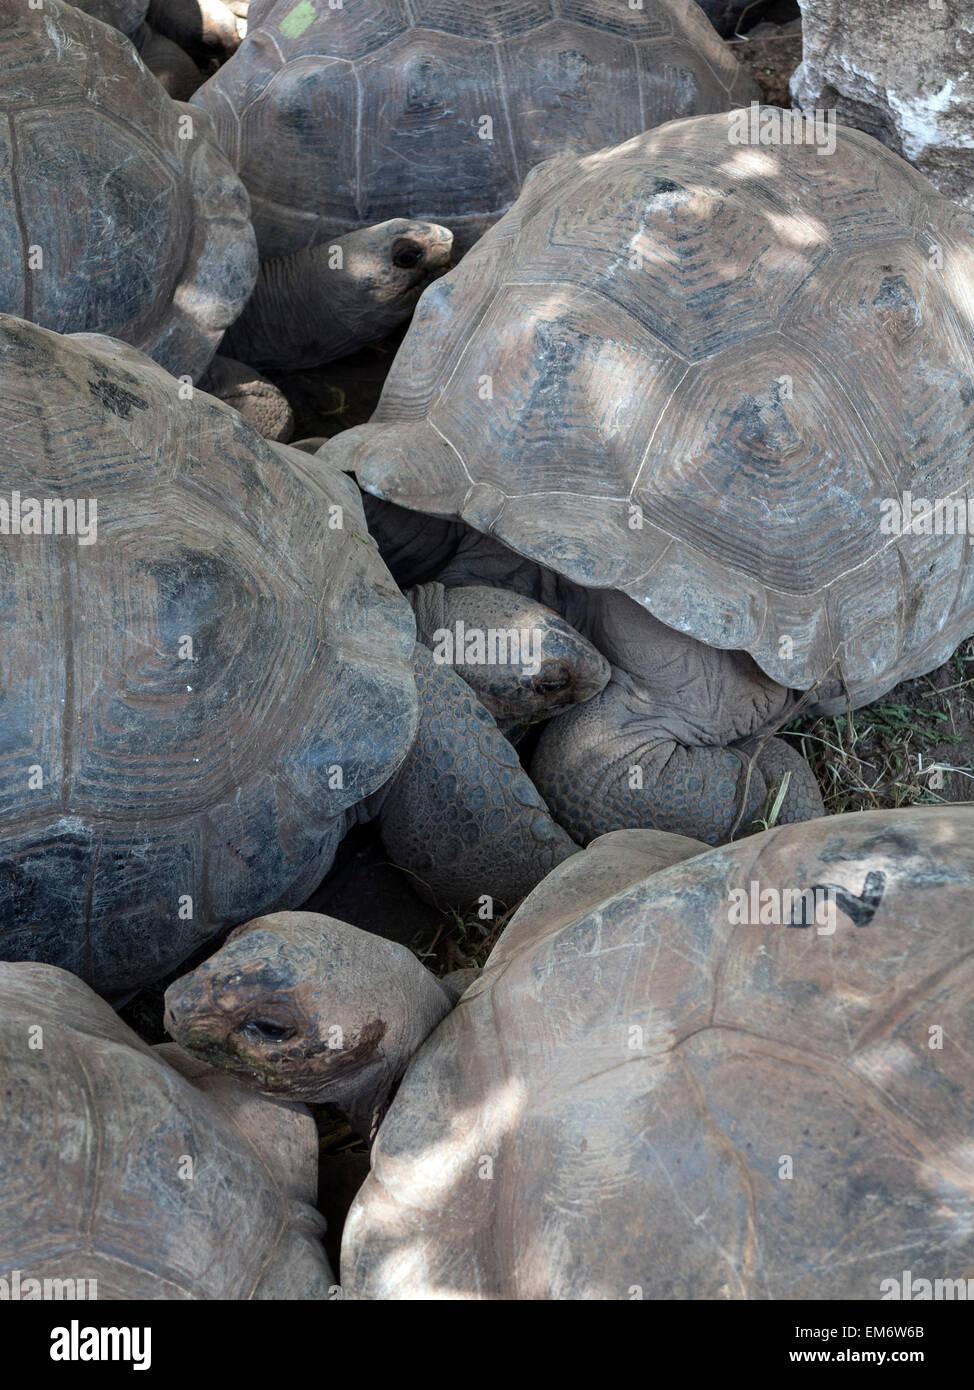 Ile Rodrigues Schildkrötenfarm Geantes Parc François Leguat Mauritius Ocean Indien Stockbild